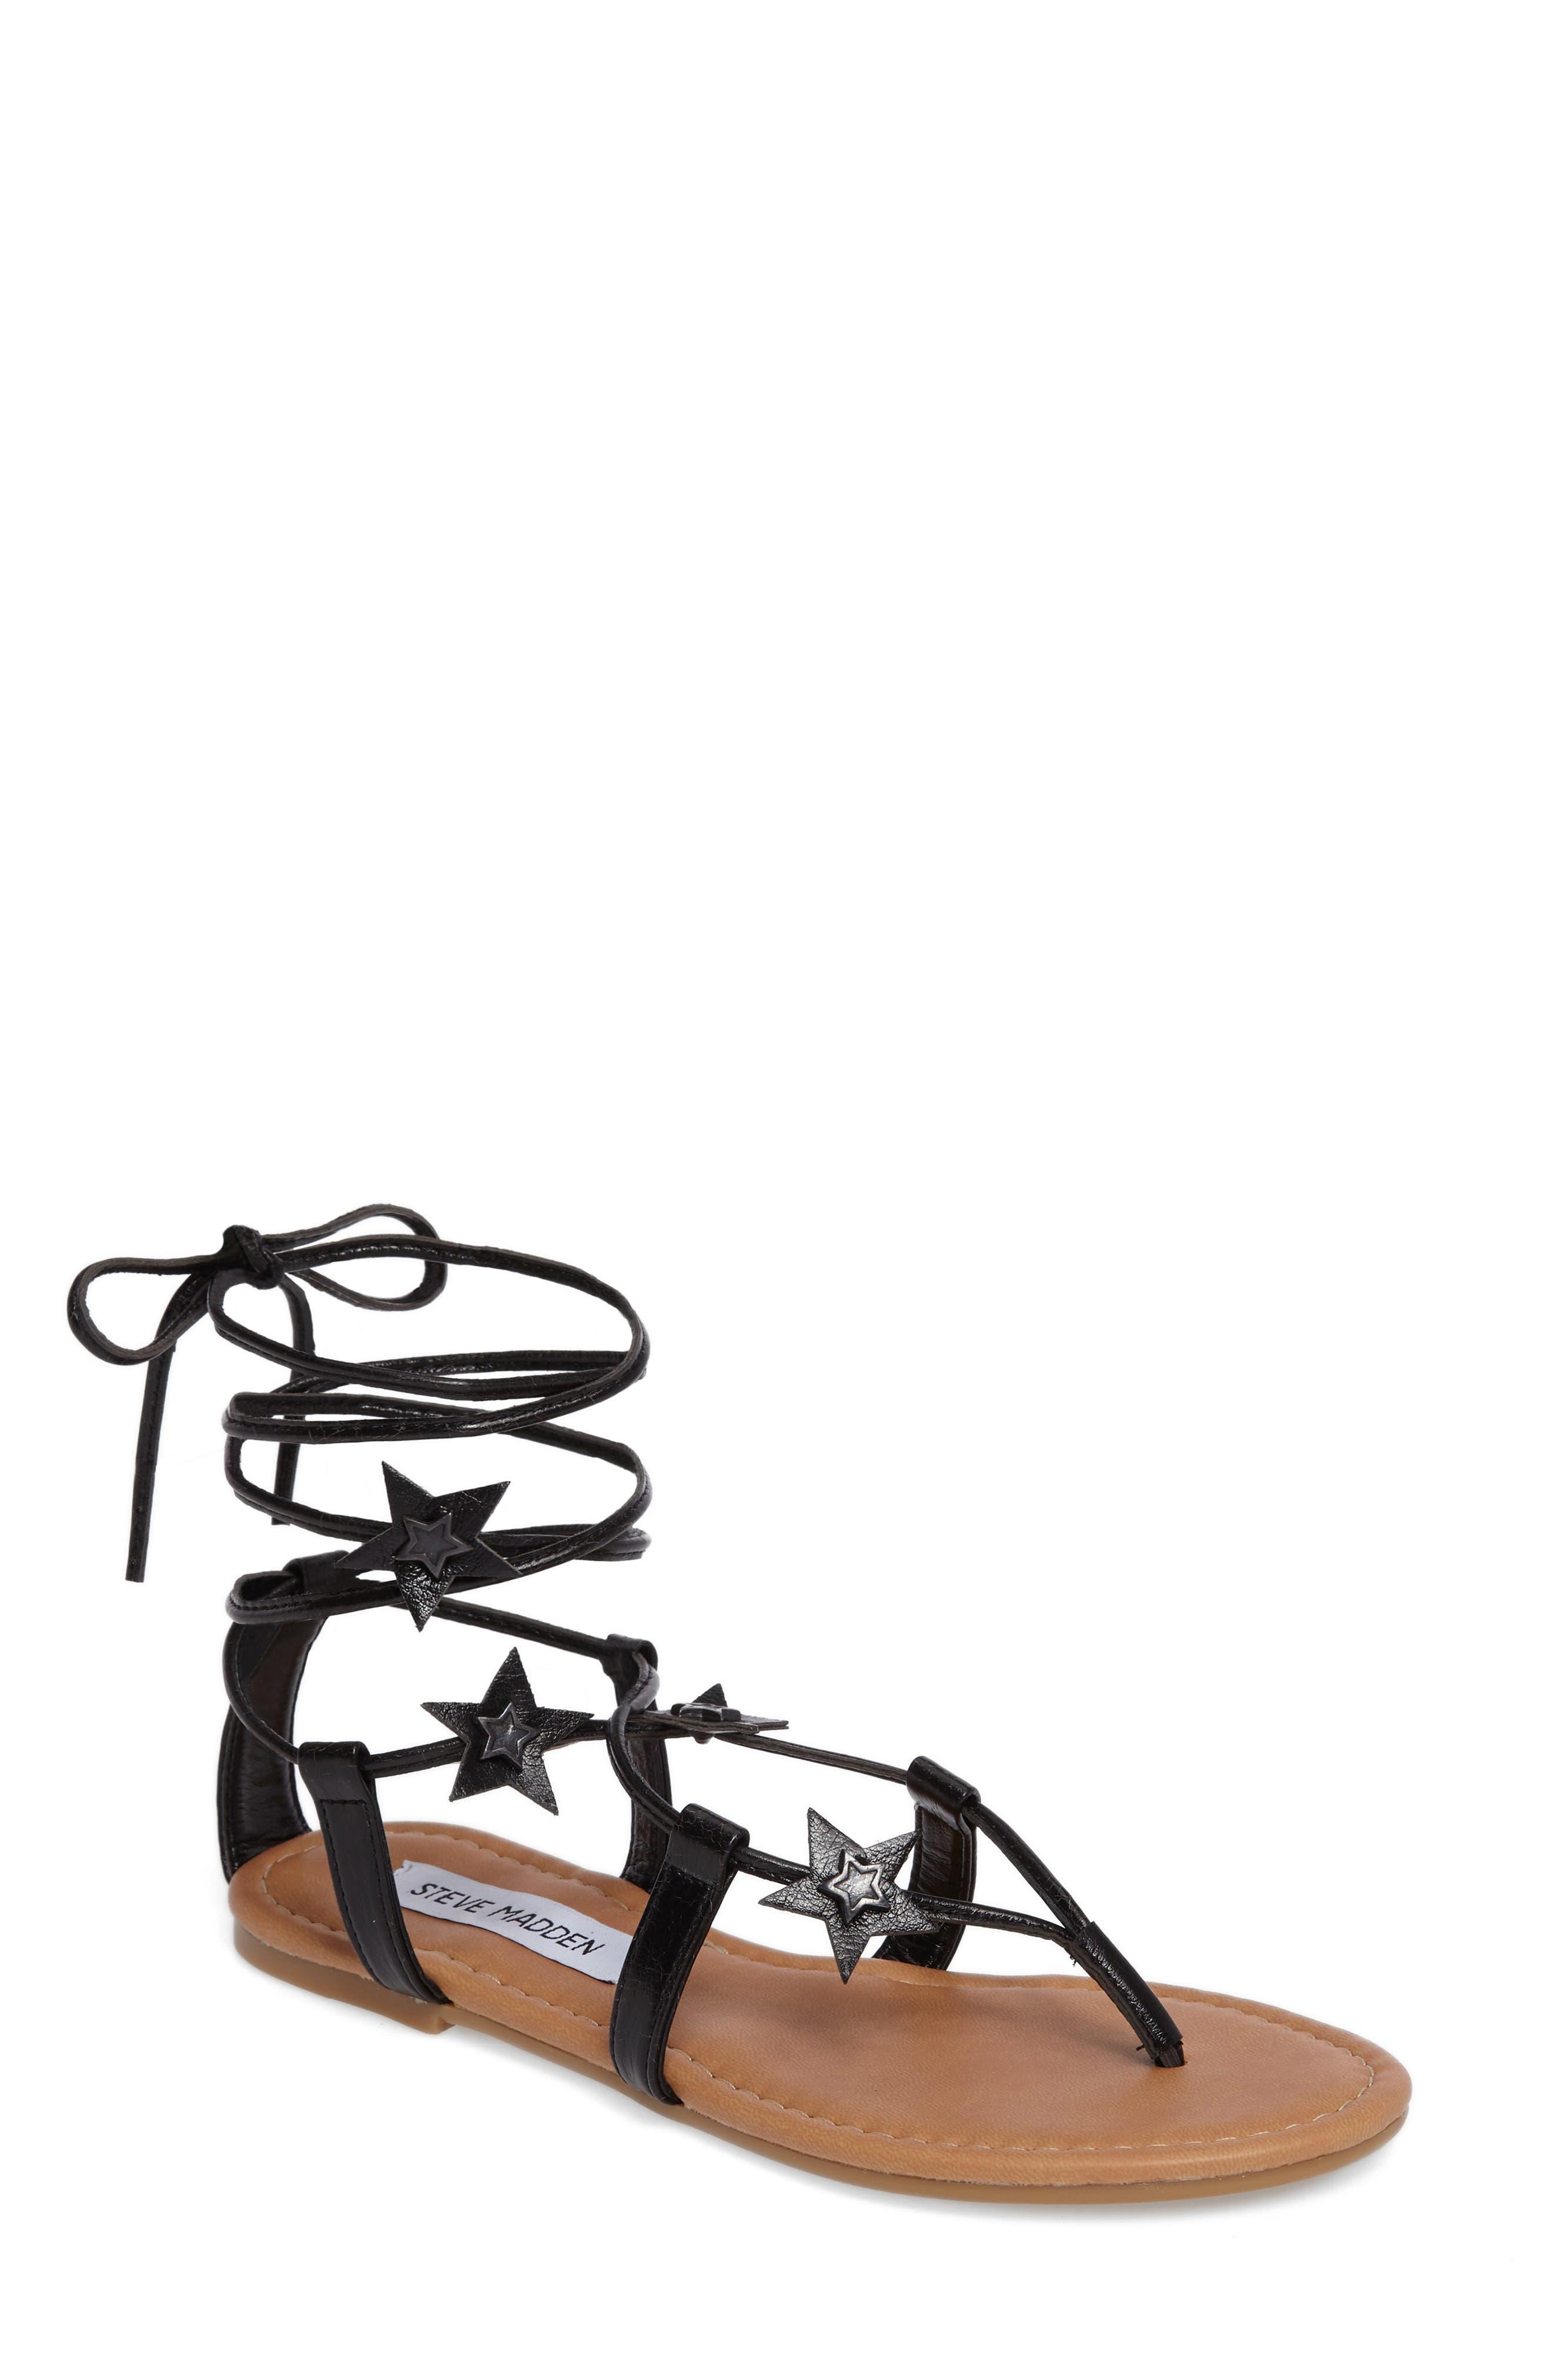 Jupiter Lace Up Sandal,                         Main,                         color, 001